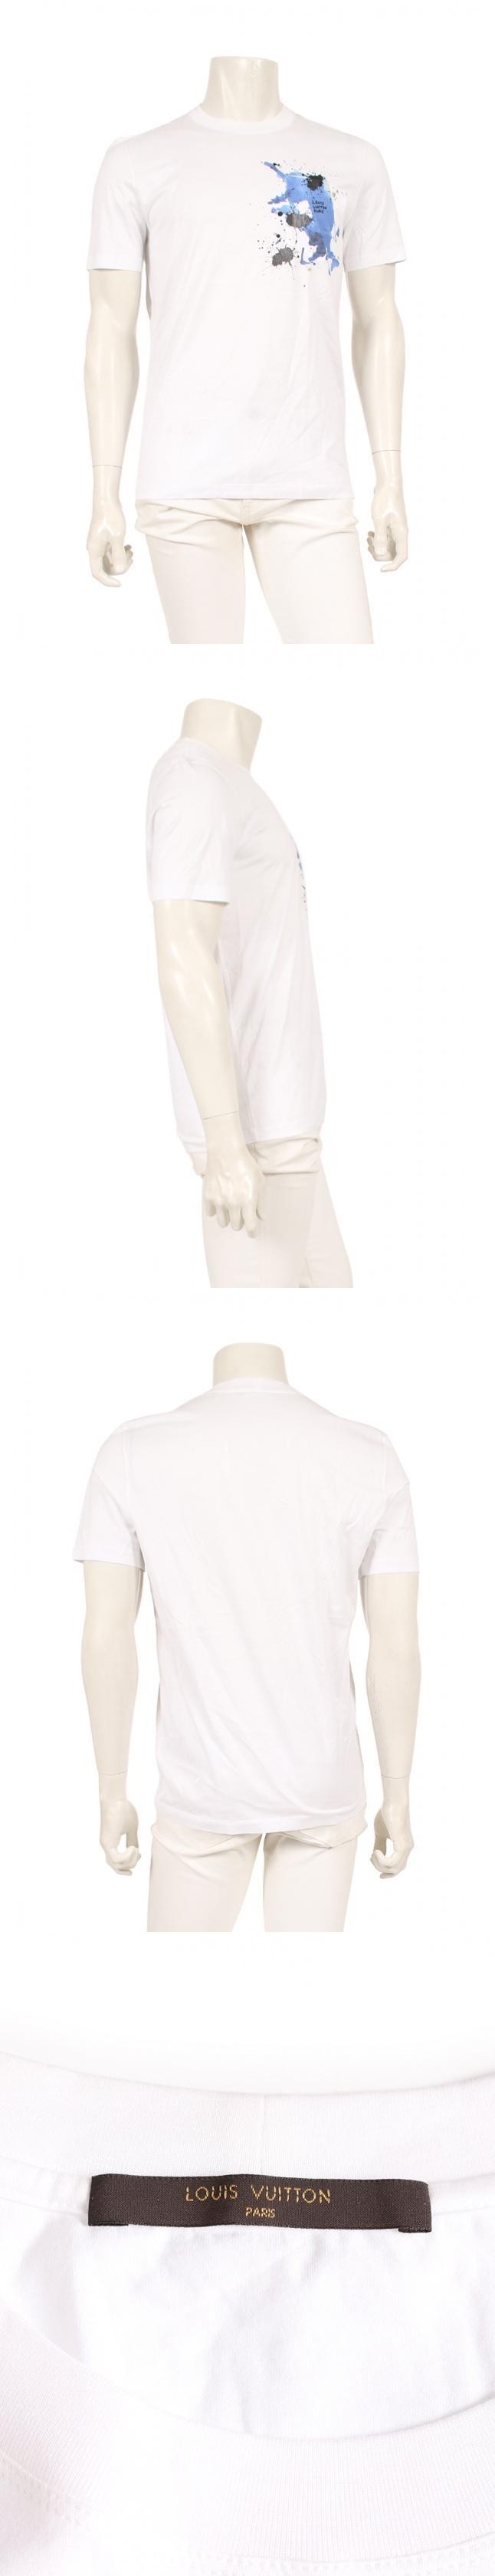 Tシャツ 白 青 黒 S トップス 半袖 プリント コットン フロントペイントデザイン